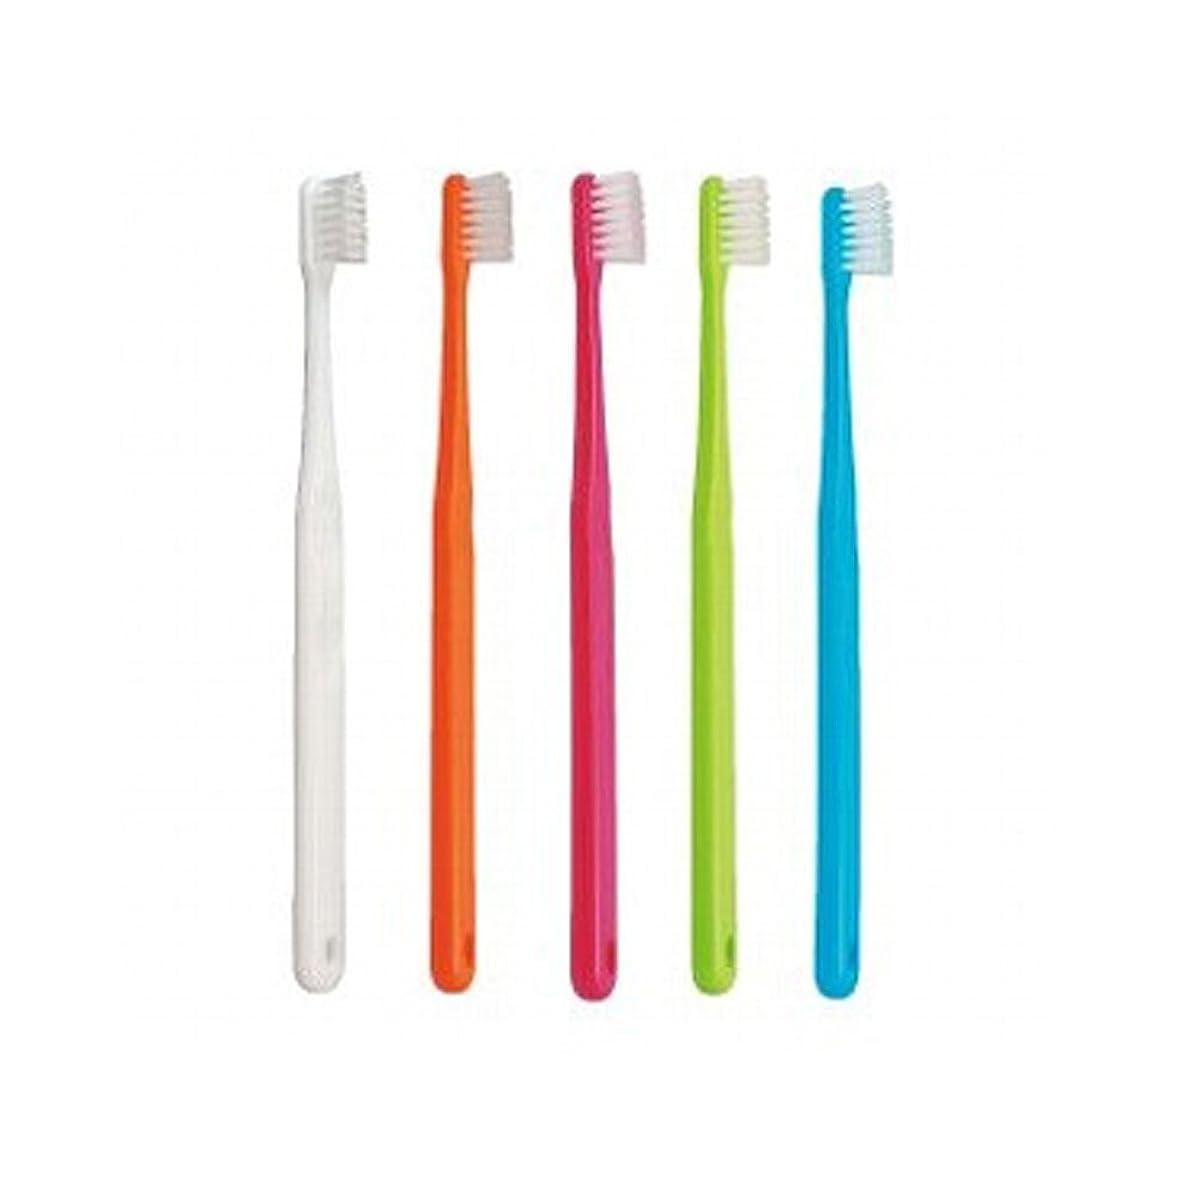 スクレーパー確かに繁栄【Ci/シーアイ】【歯科用】Ci703 25本【歯ブラシ】【やわらかめ】【極薄ヘッド】ハンドルカラー5色選択不可